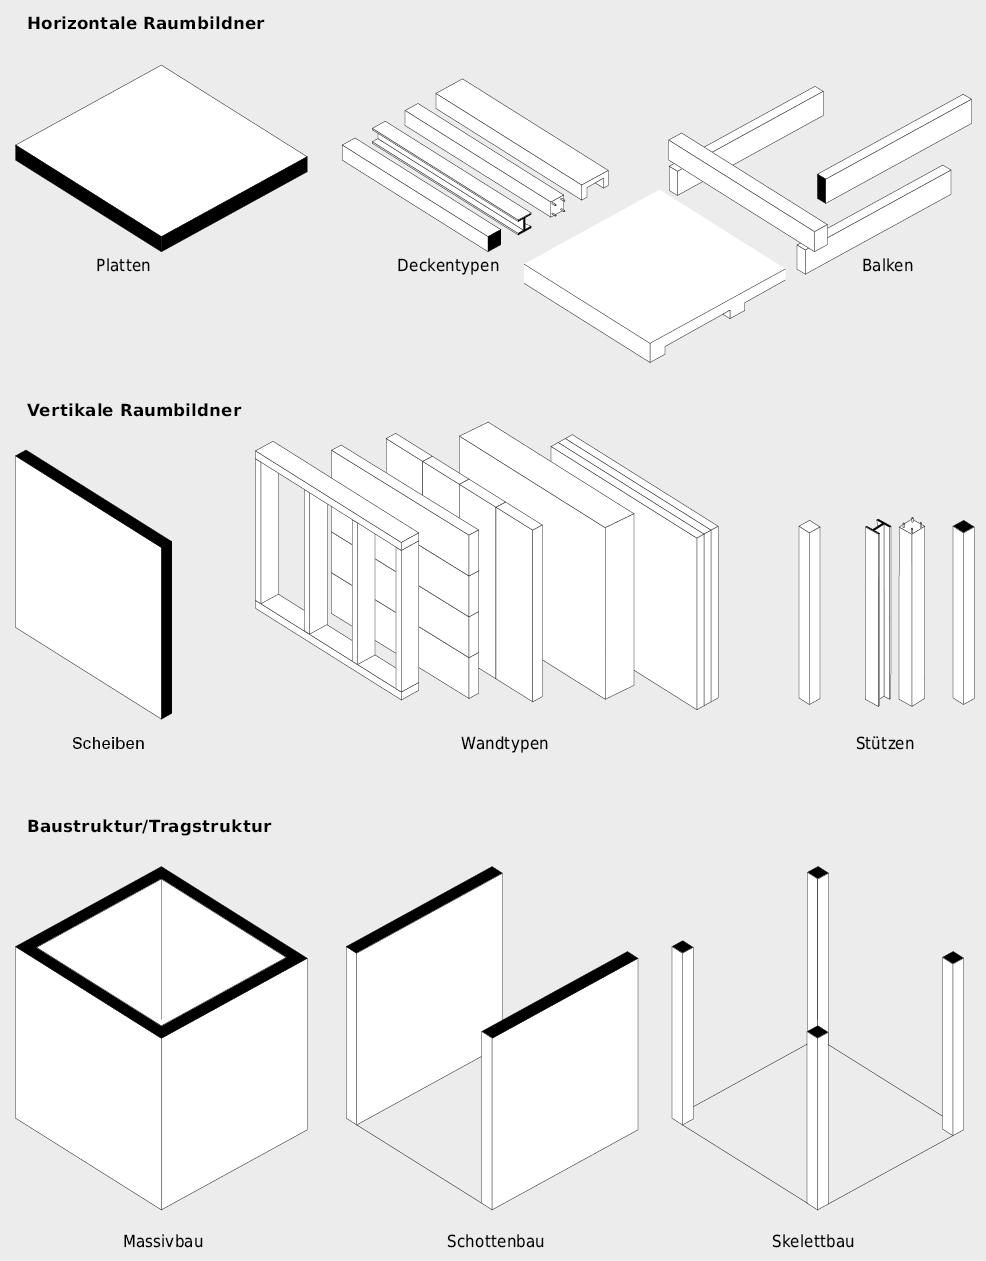 Horizontale und vertikale Raumbildner definieren die Bau- und Tragstruktur.